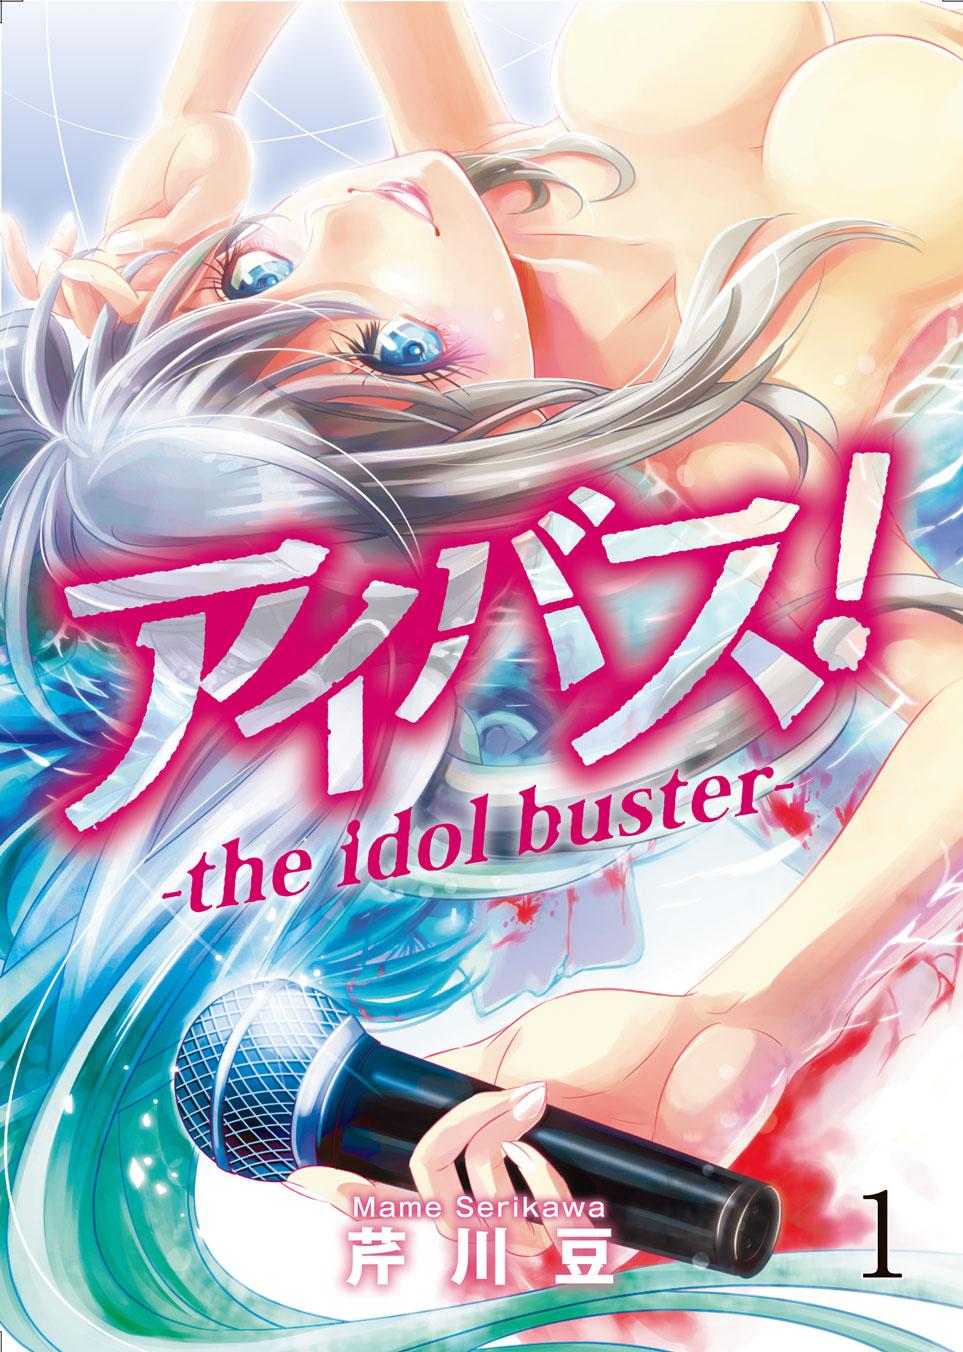 アイバス!-the idol buster-